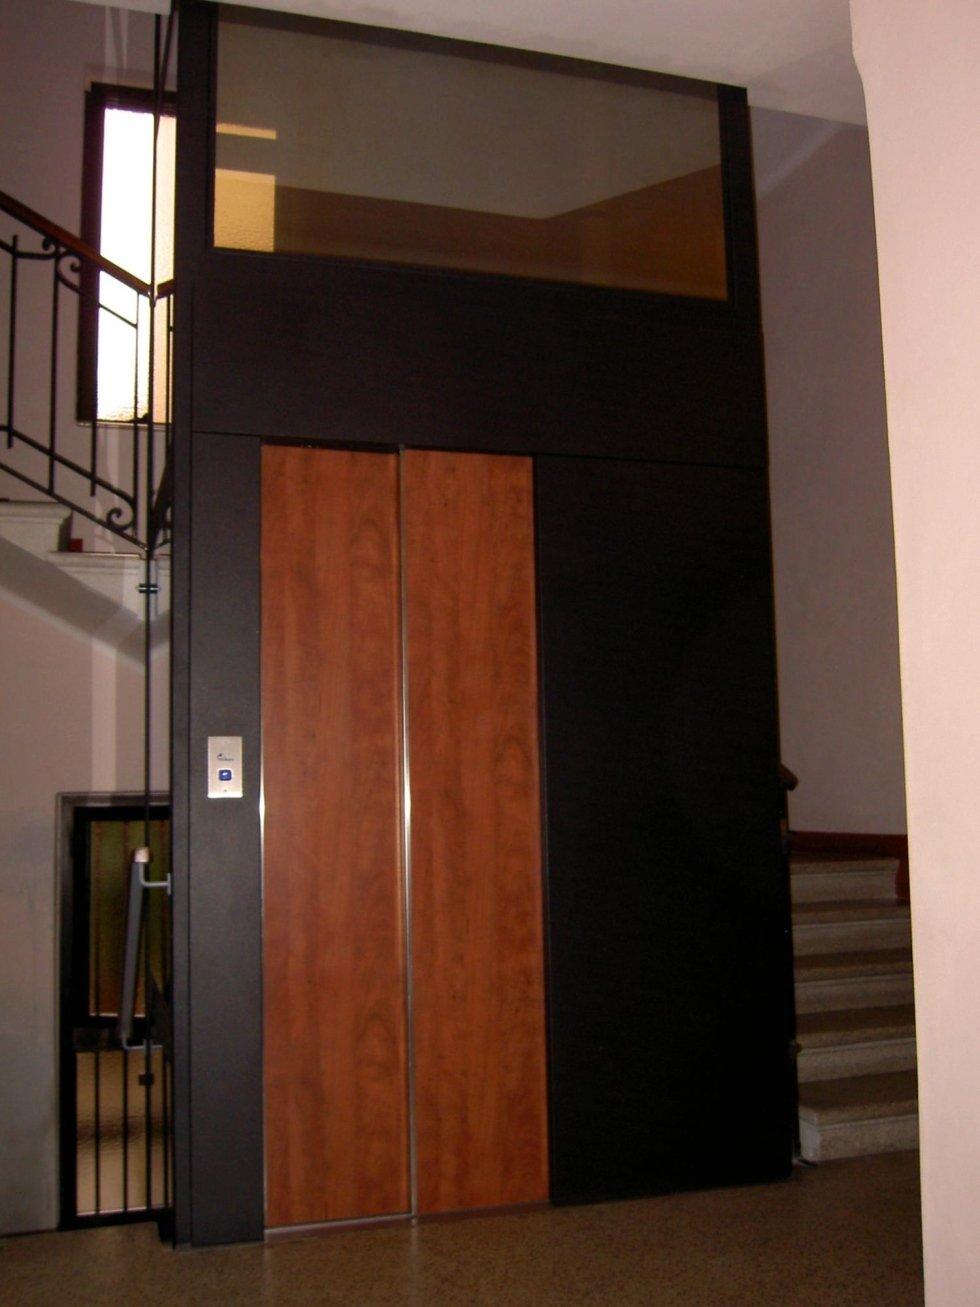 ascensore in legno e scala all'interno di edificio